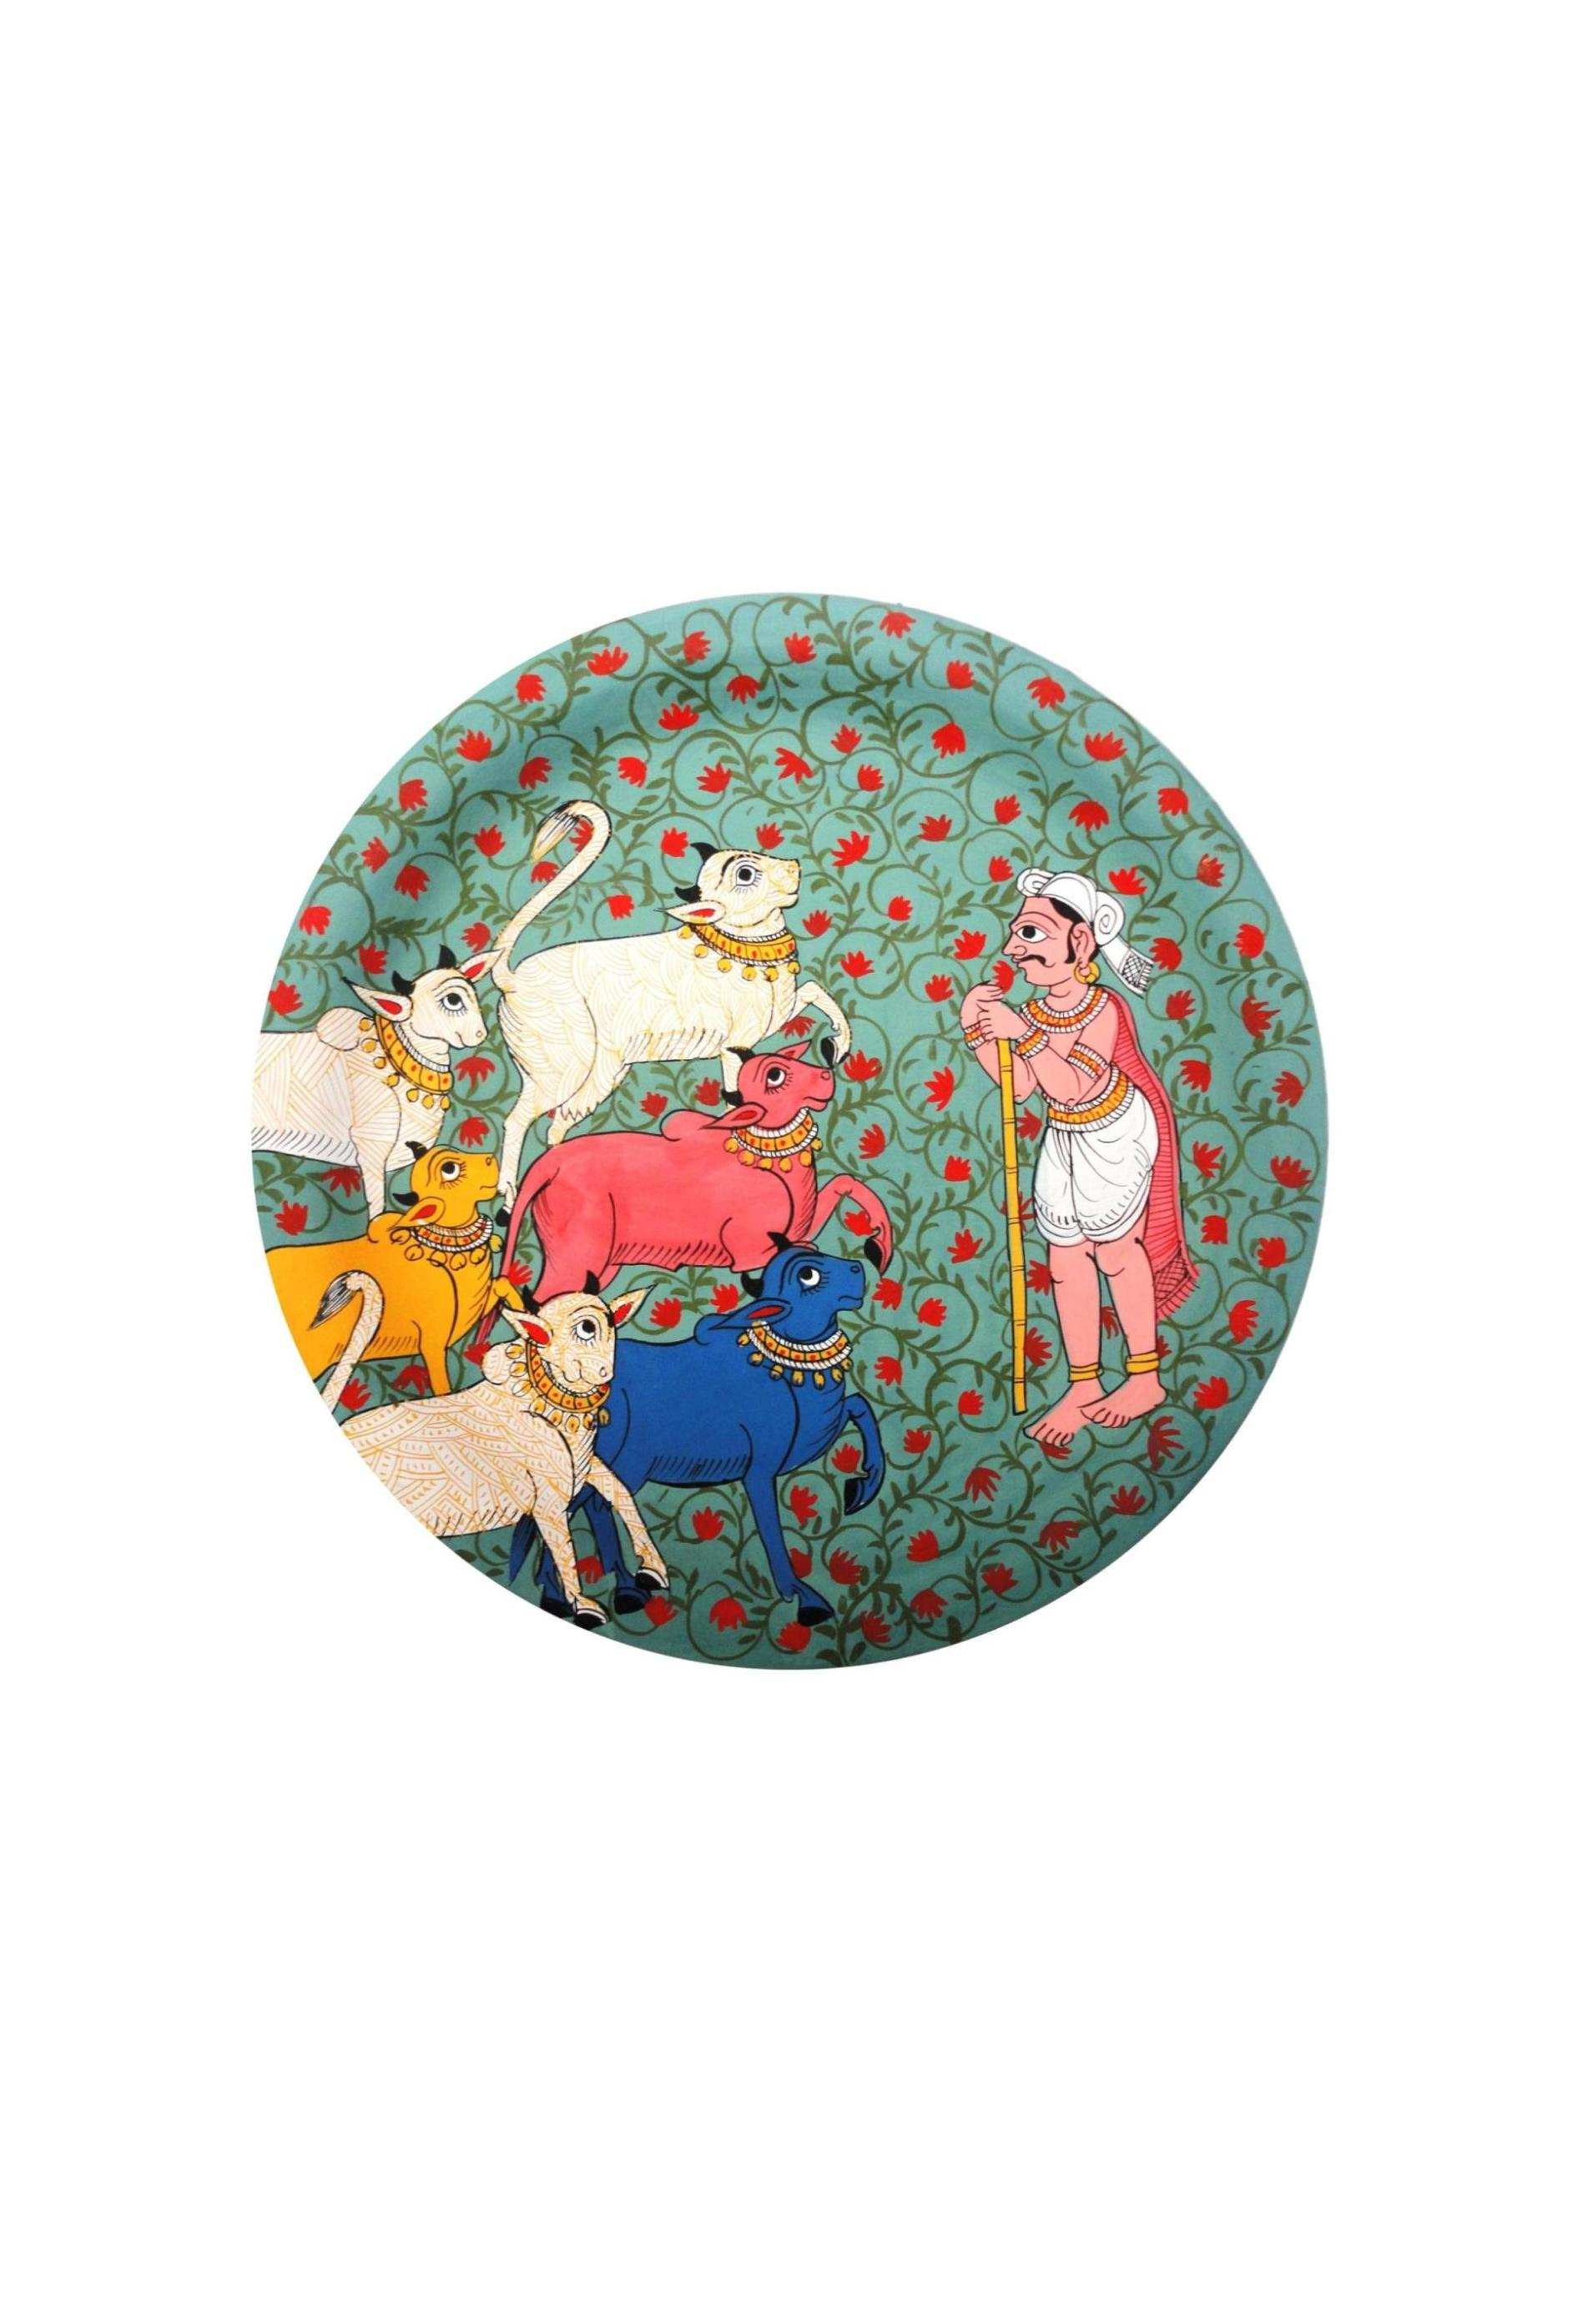 Herdsman in Cheriyal Painting